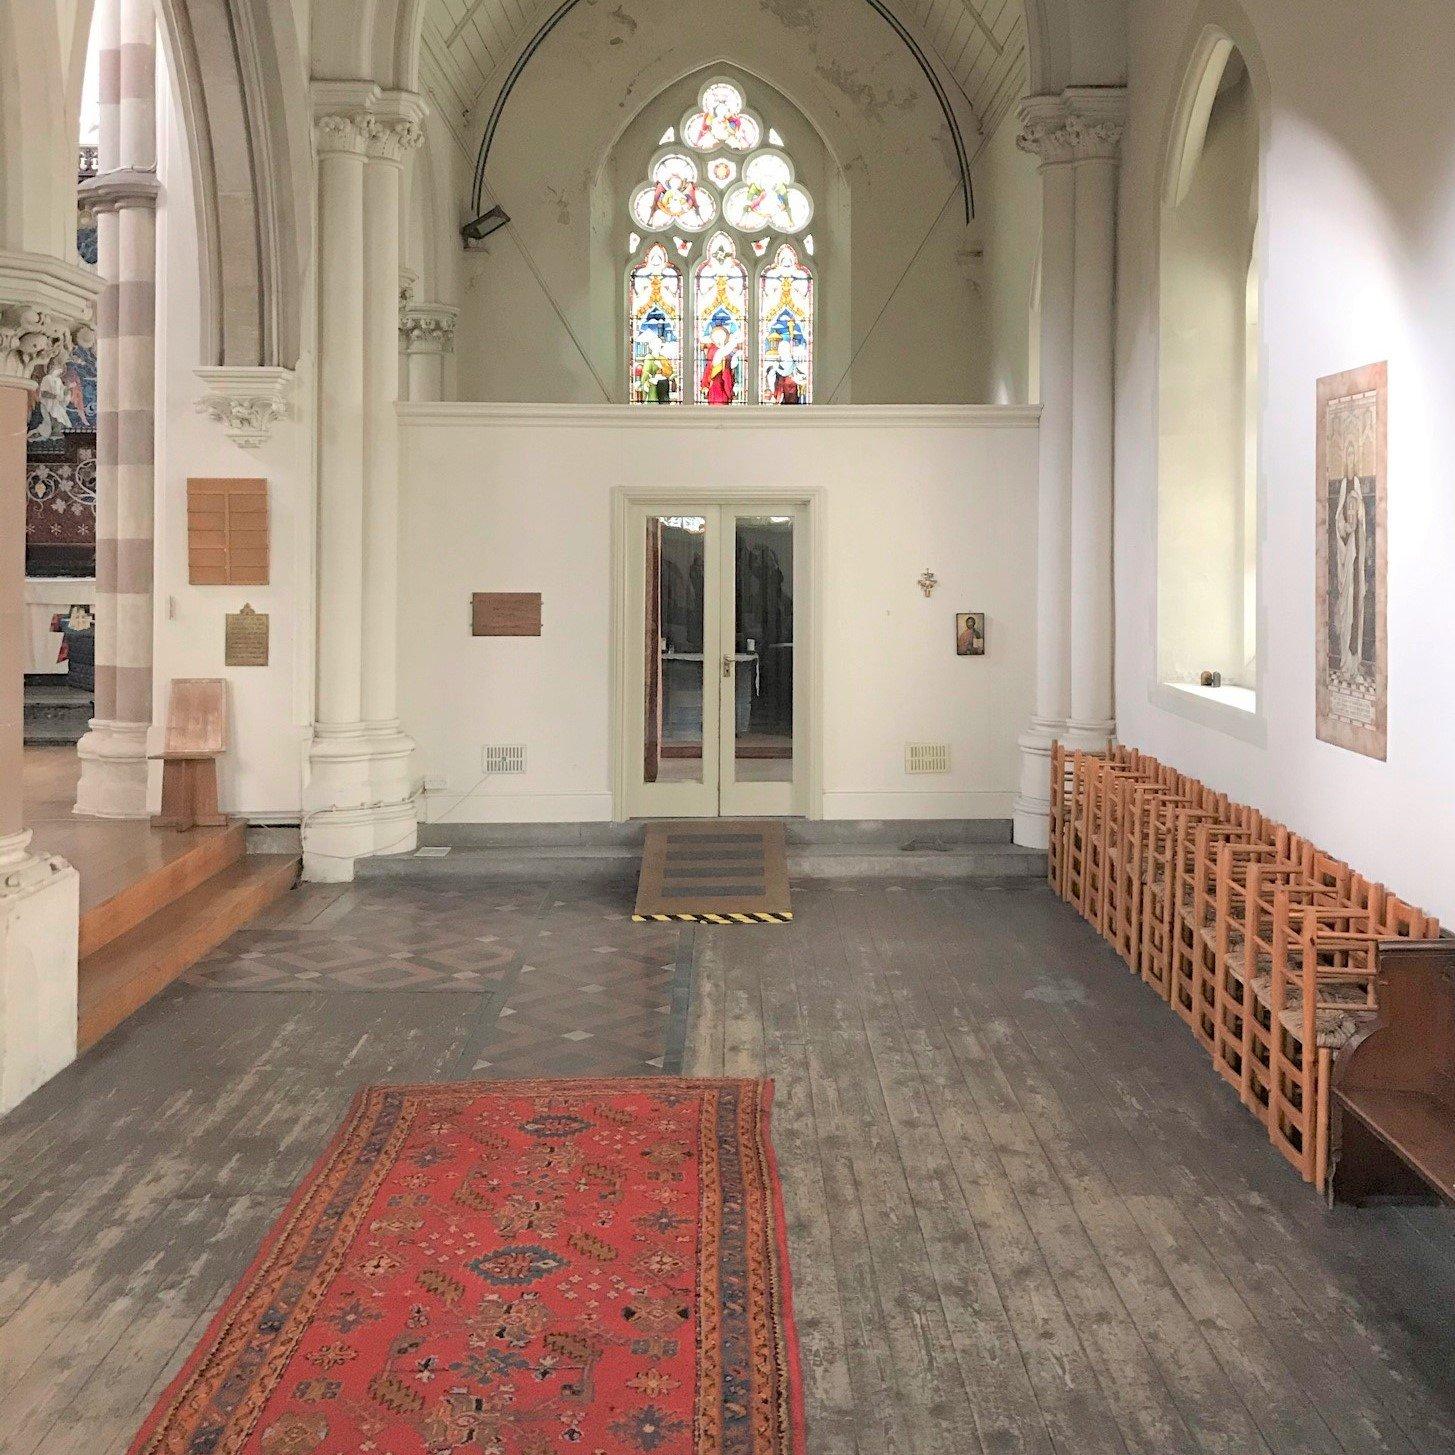 Inside St Paul's